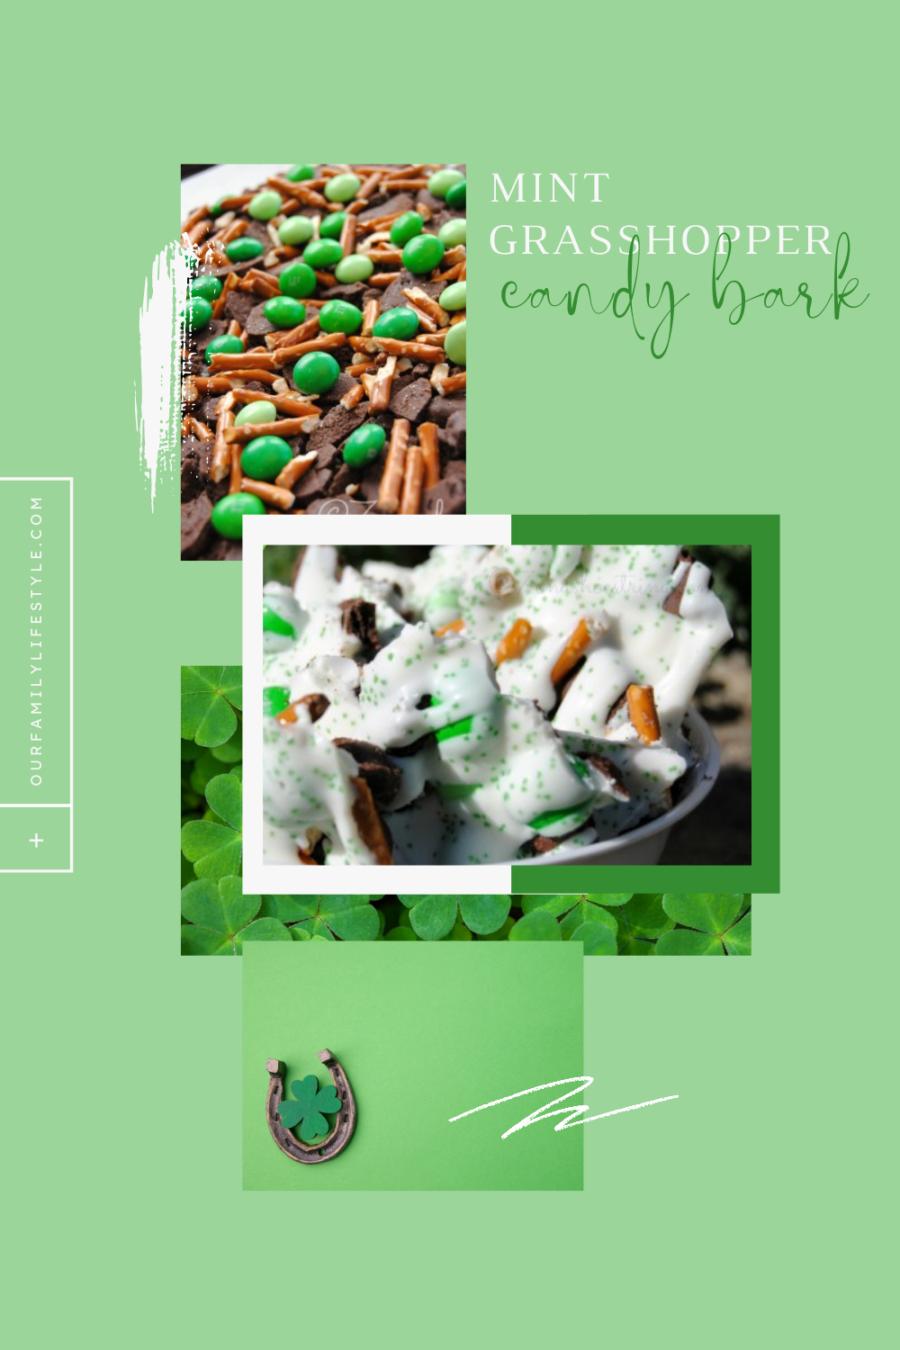 Mint Grasshopper Candy Bark